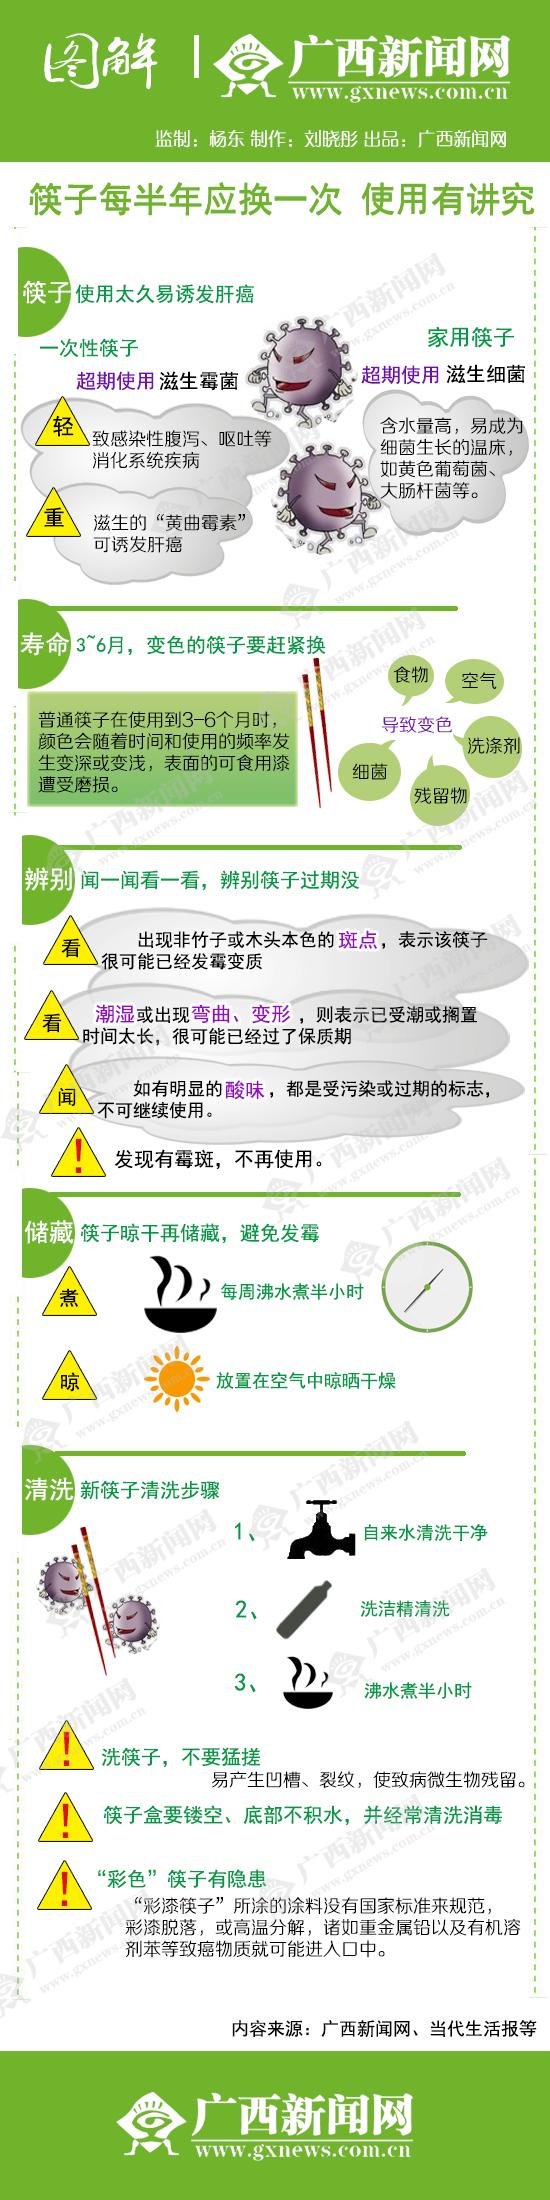 筷子超期使用或滋生霉菌诱发肝病 应每半年换一次